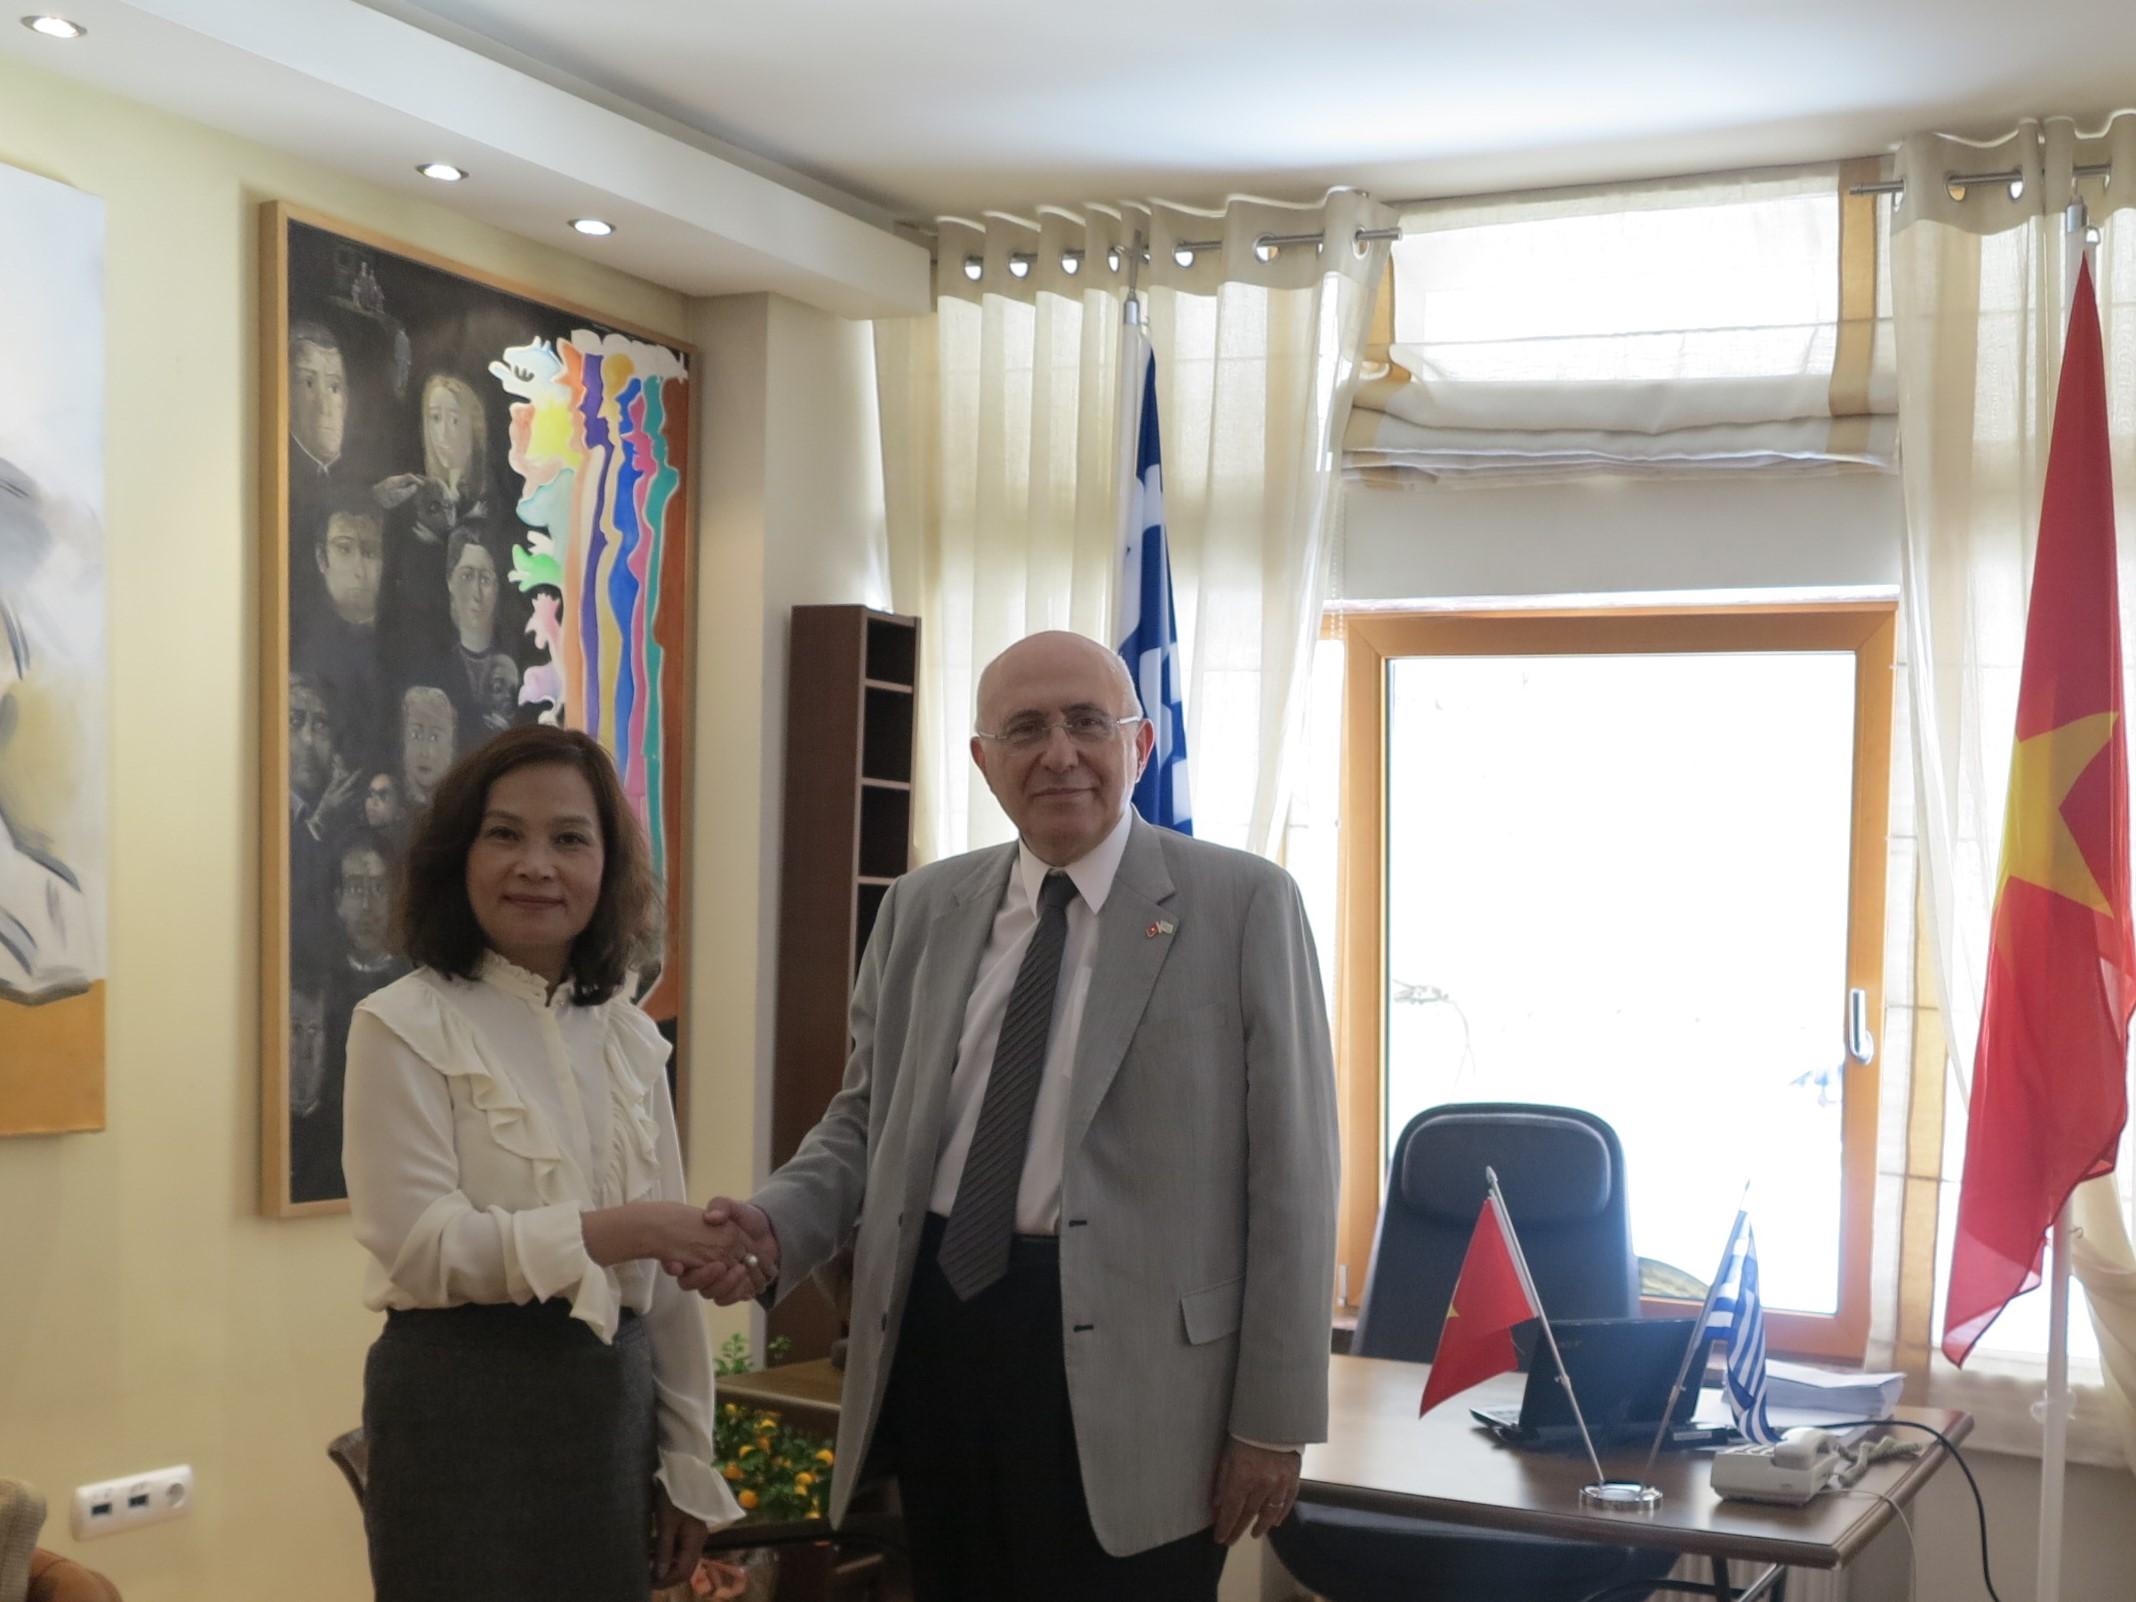 Khai trương Văn phòng Lãnh sự danh dự của Việt Nam tại thành phố Thessaloniki, Hy Lạp